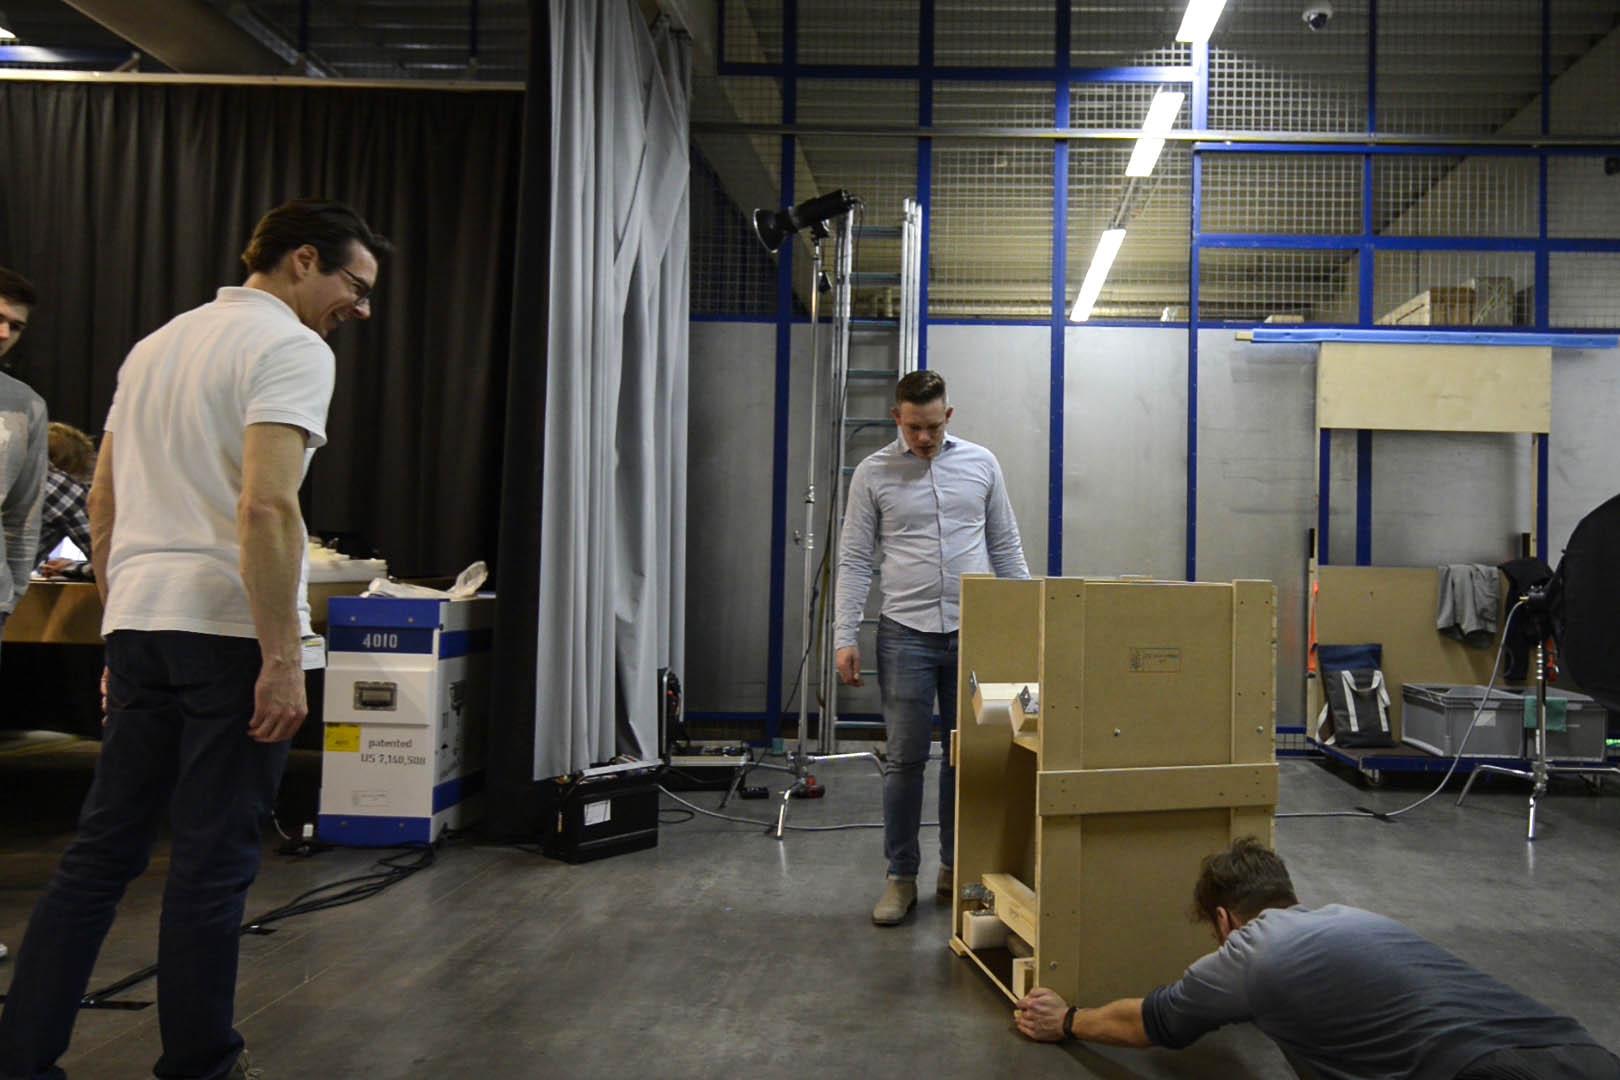 Um Produktfotos zu erstellen, wurde vor Ort im Gebäude der Firma Hasenkamp fotografiert. Hier ist voller Körpereinsatz gefragt!